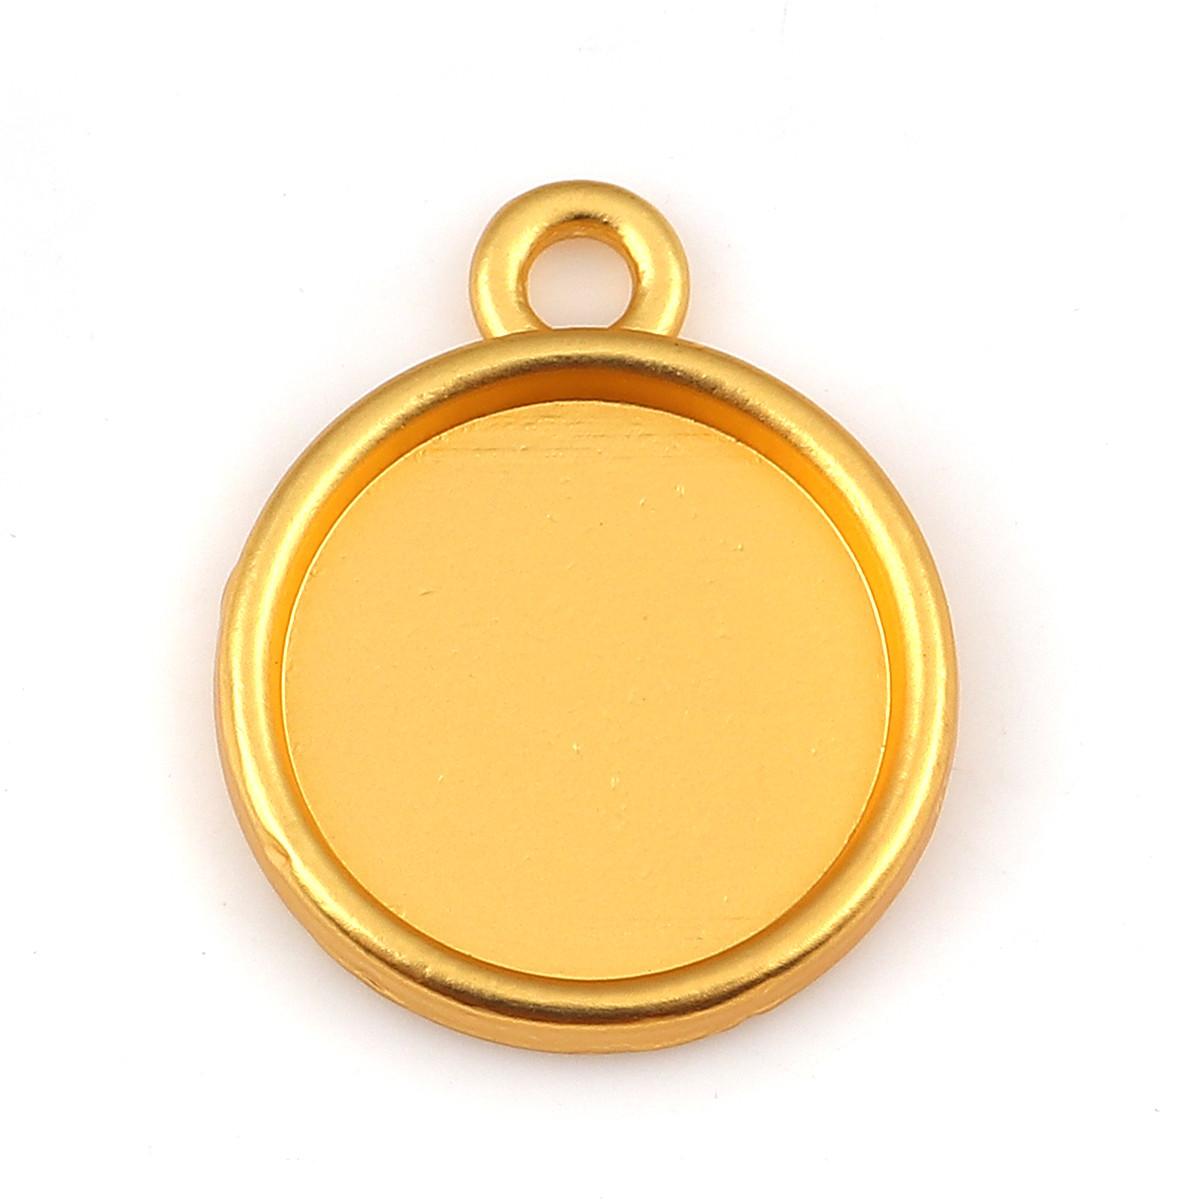 Підвіска під вставку, Кругла, Цинковий сплав, Колір: Золото, Основа під вставку 14 мм, 21 мм x 17 мм